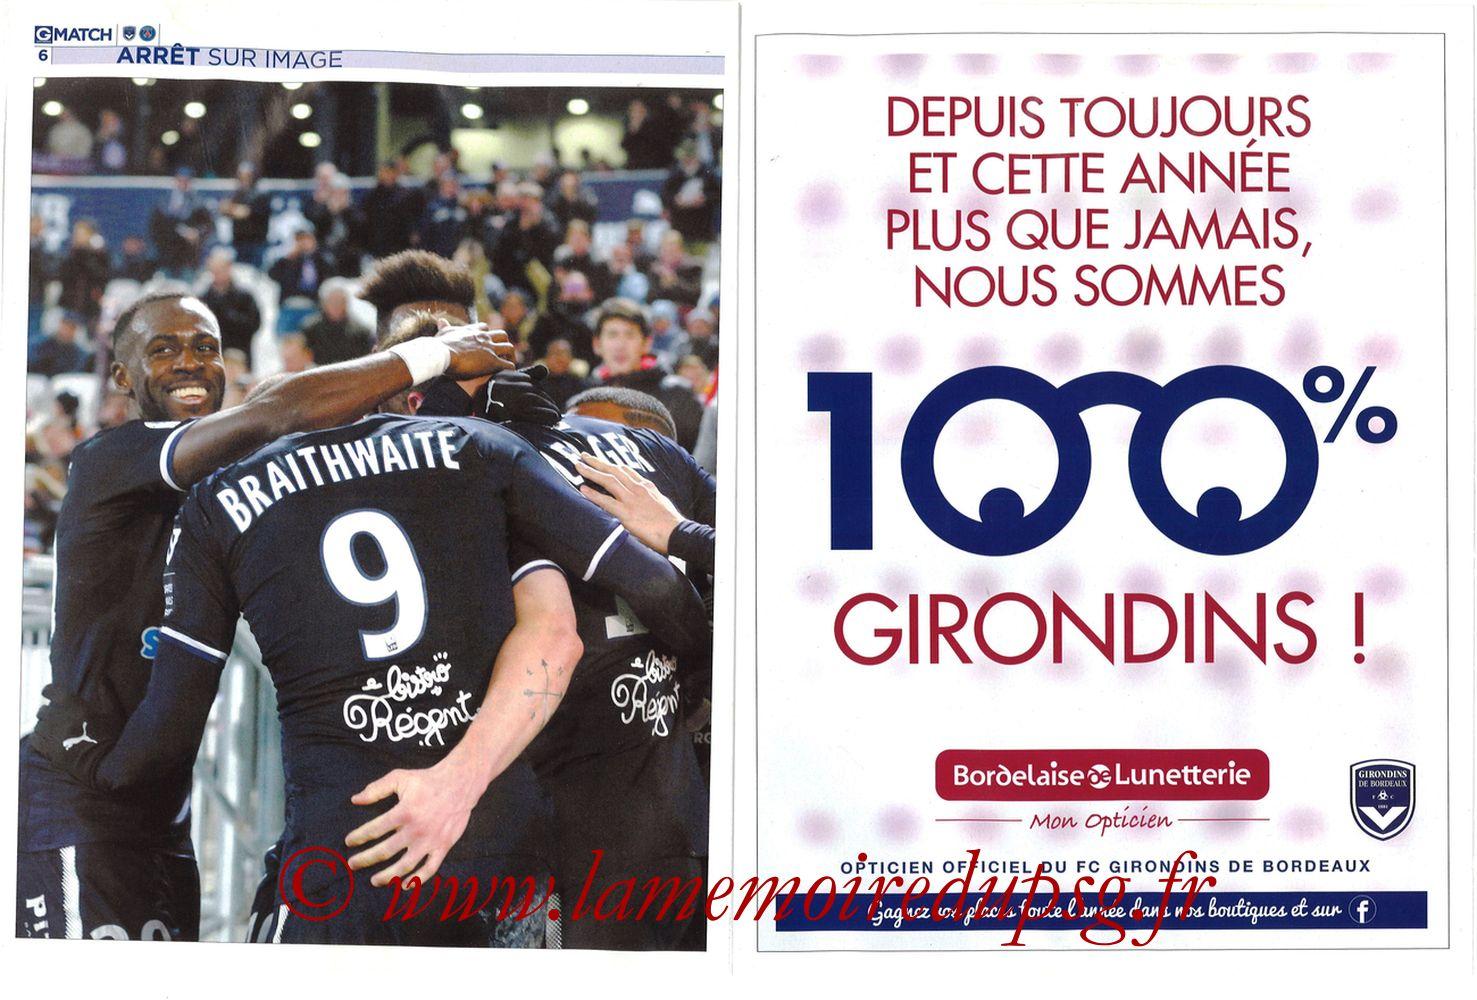 2018-04-22  Bordeaux-PSG (34ème L1, Girondins Match N°59) - Pages 06 et 07